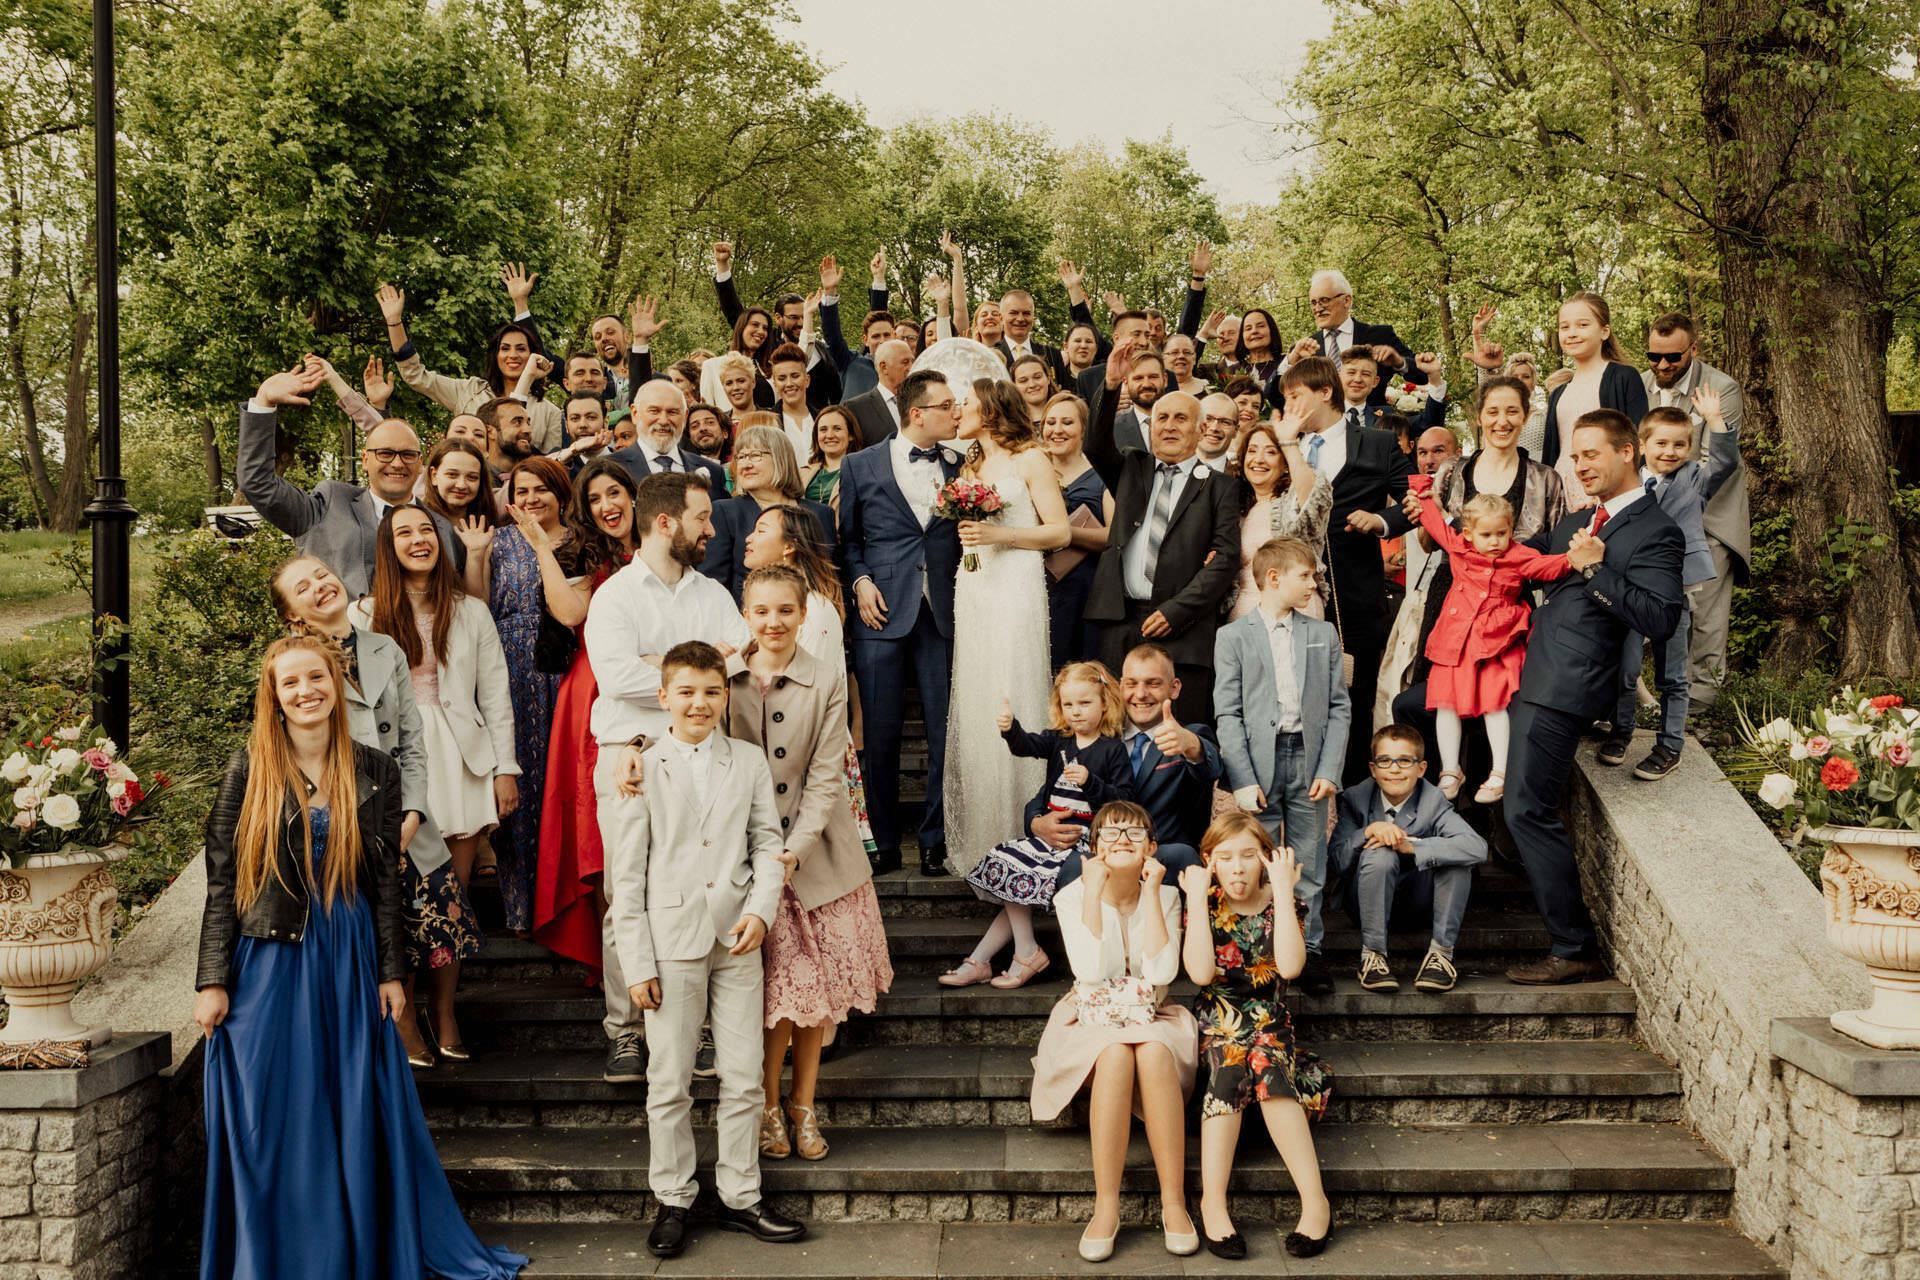 Plenerowy ślub cywilny - Pałac Śmiłowice - zdjęcie grupowe Gości Pary Młodej